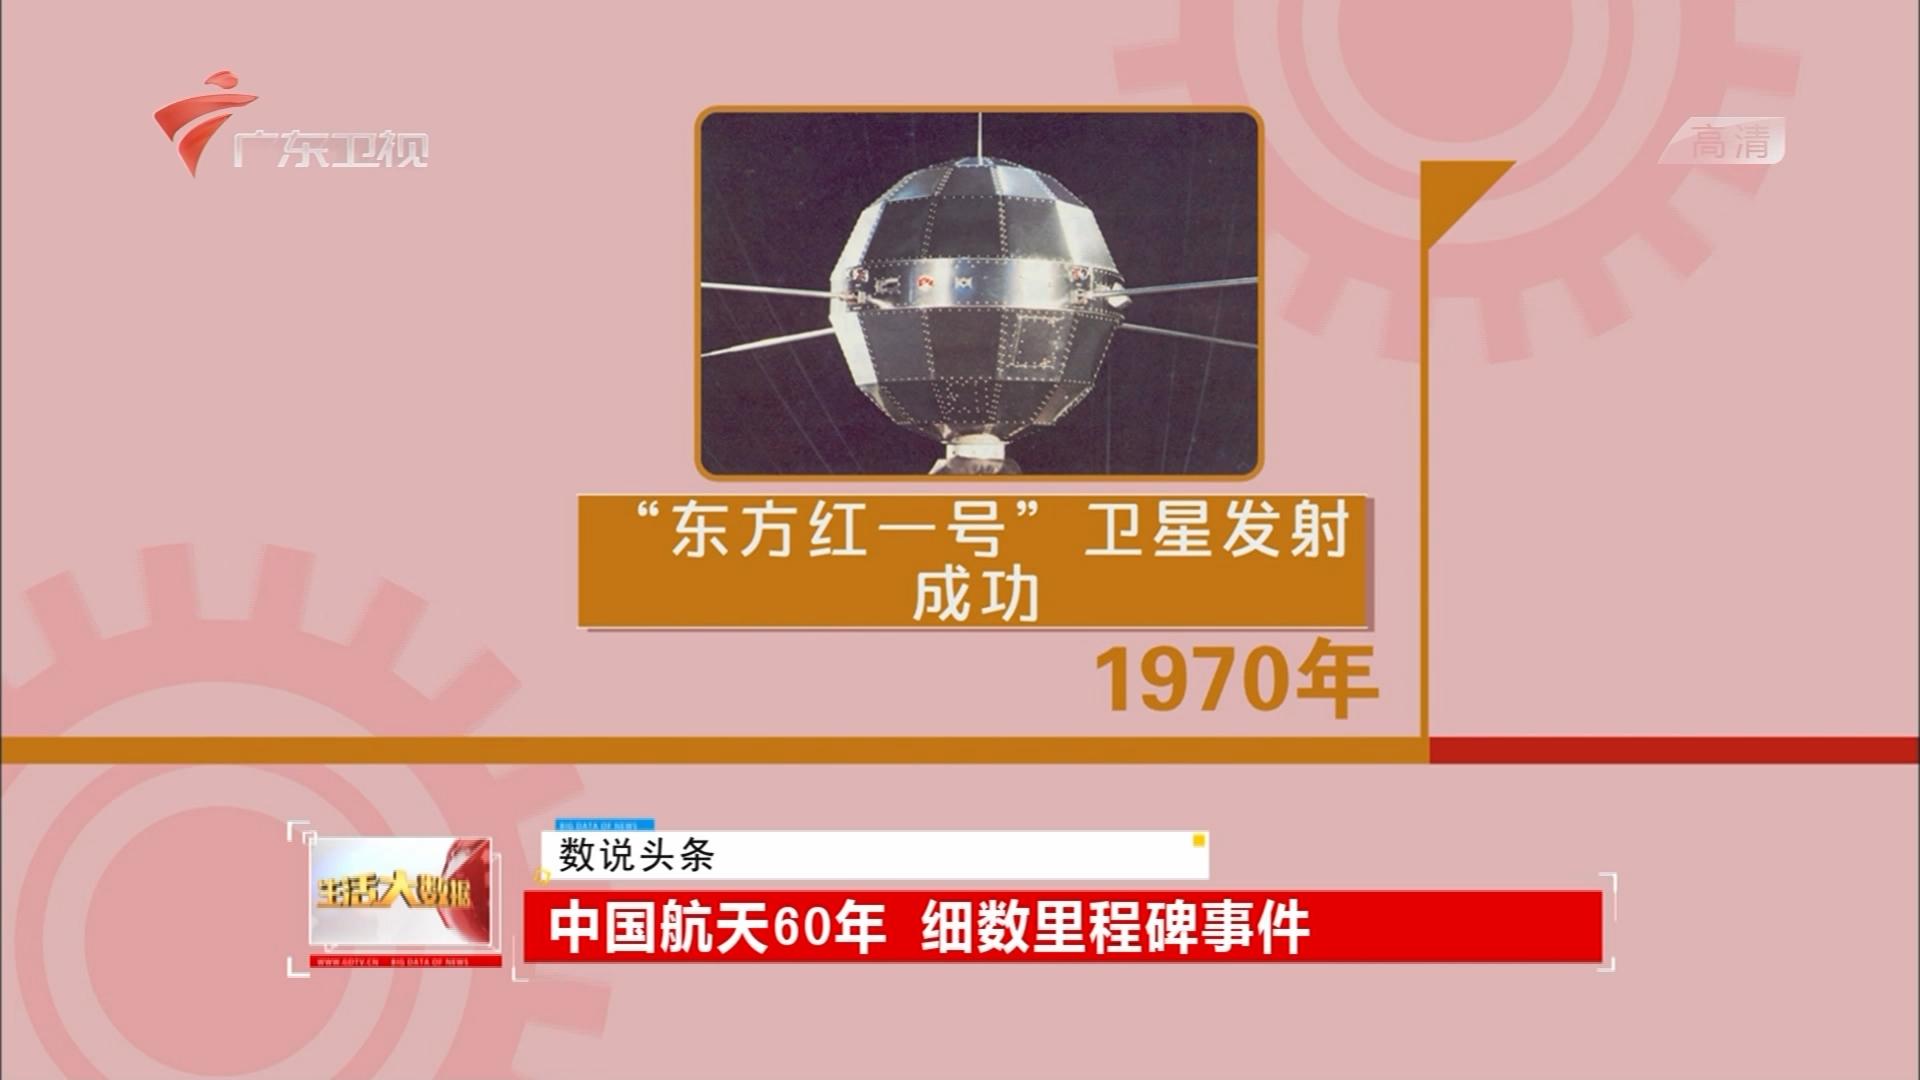 中国航天60年 细数里程碑事件